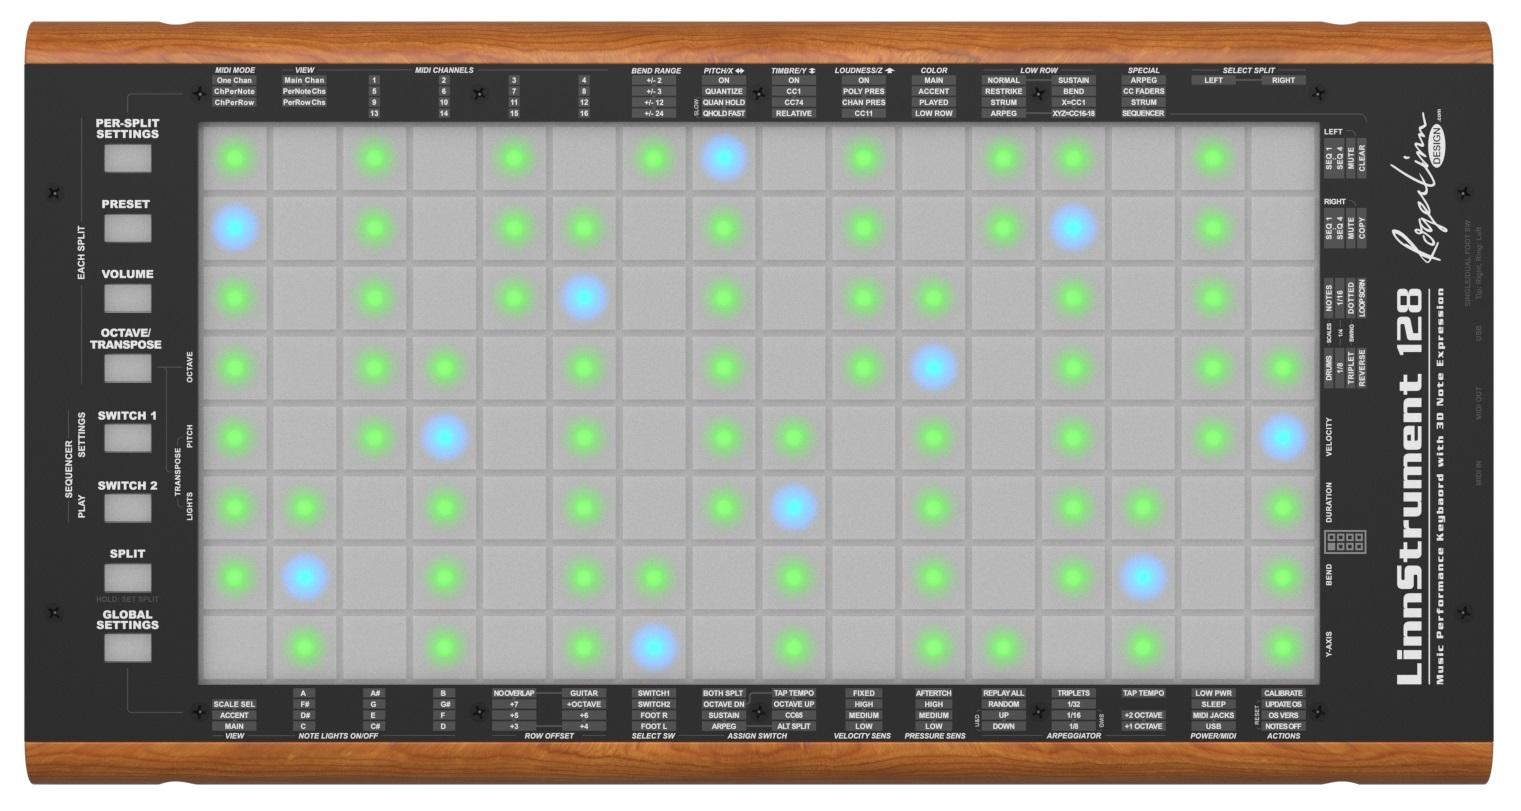 Zu sehen ist ein in Holz gefasster Kasten. Auf der Oberfläche ist ein hellgraues mit einem Gittermuster versehenes Display, auf dem einige Kästchen grün oder blau leuchten. Um das Gitter herum sind Knöpfe mit Bezeichnungen, die unterschiedliche Funktionen haben.